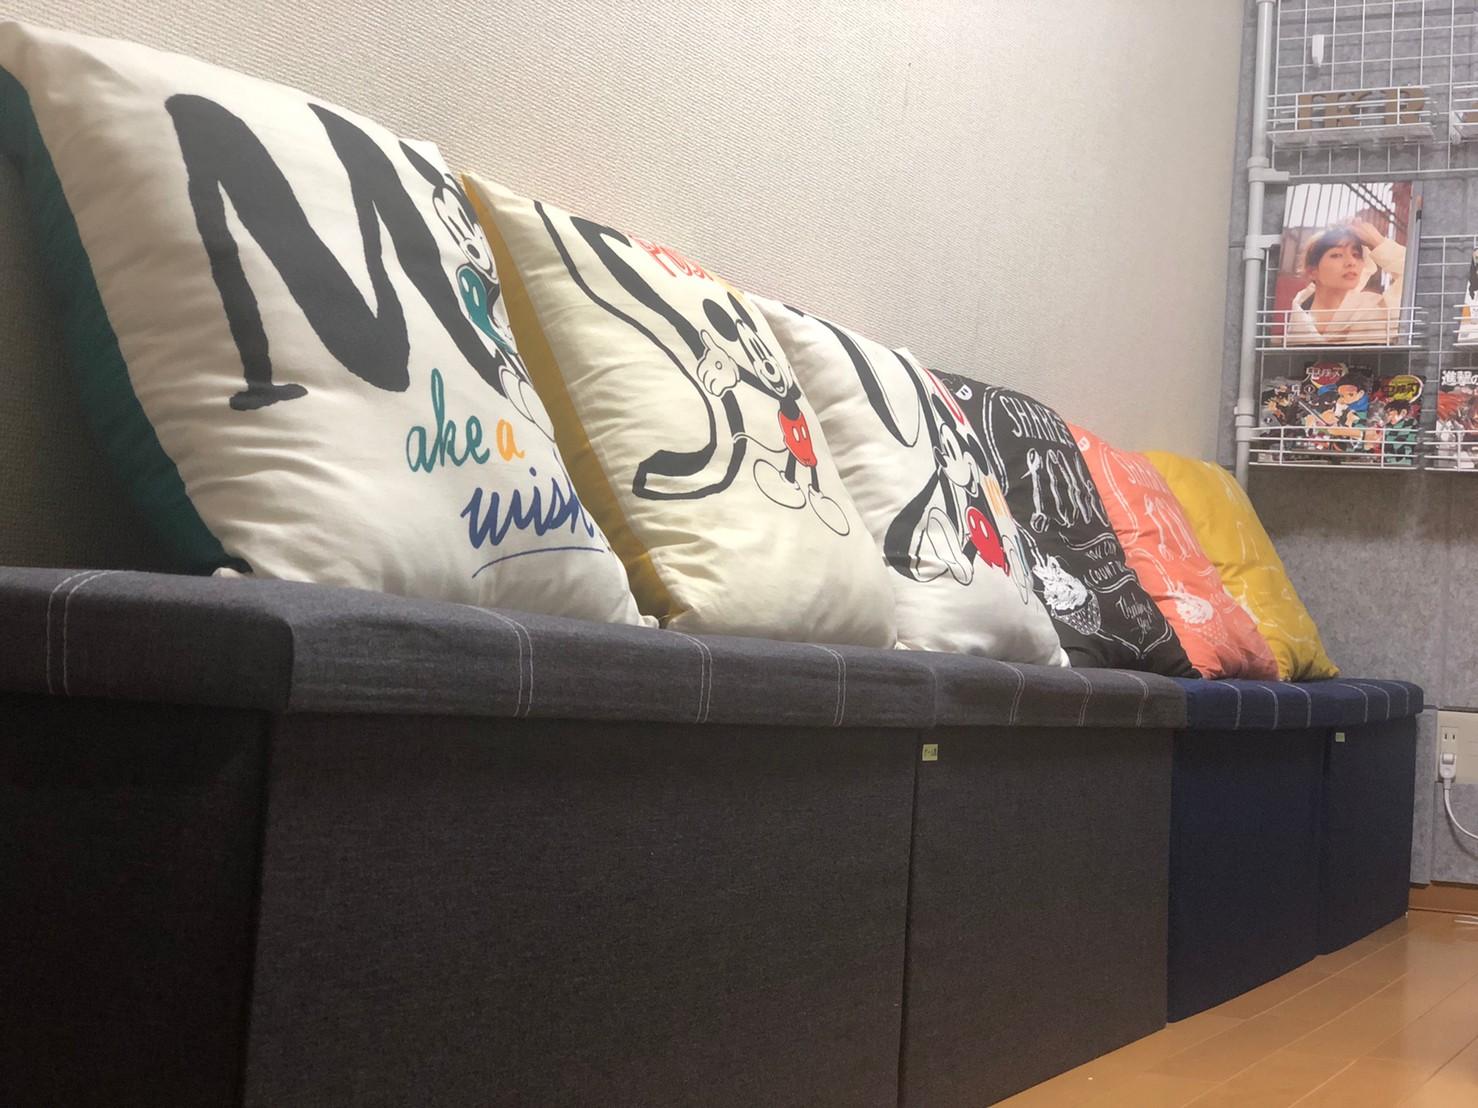 移動も楽な収納可能スツール! - JK Room 新宿三丁目店 隠れサロン💅🏻施術ベット🛌の室内の写真